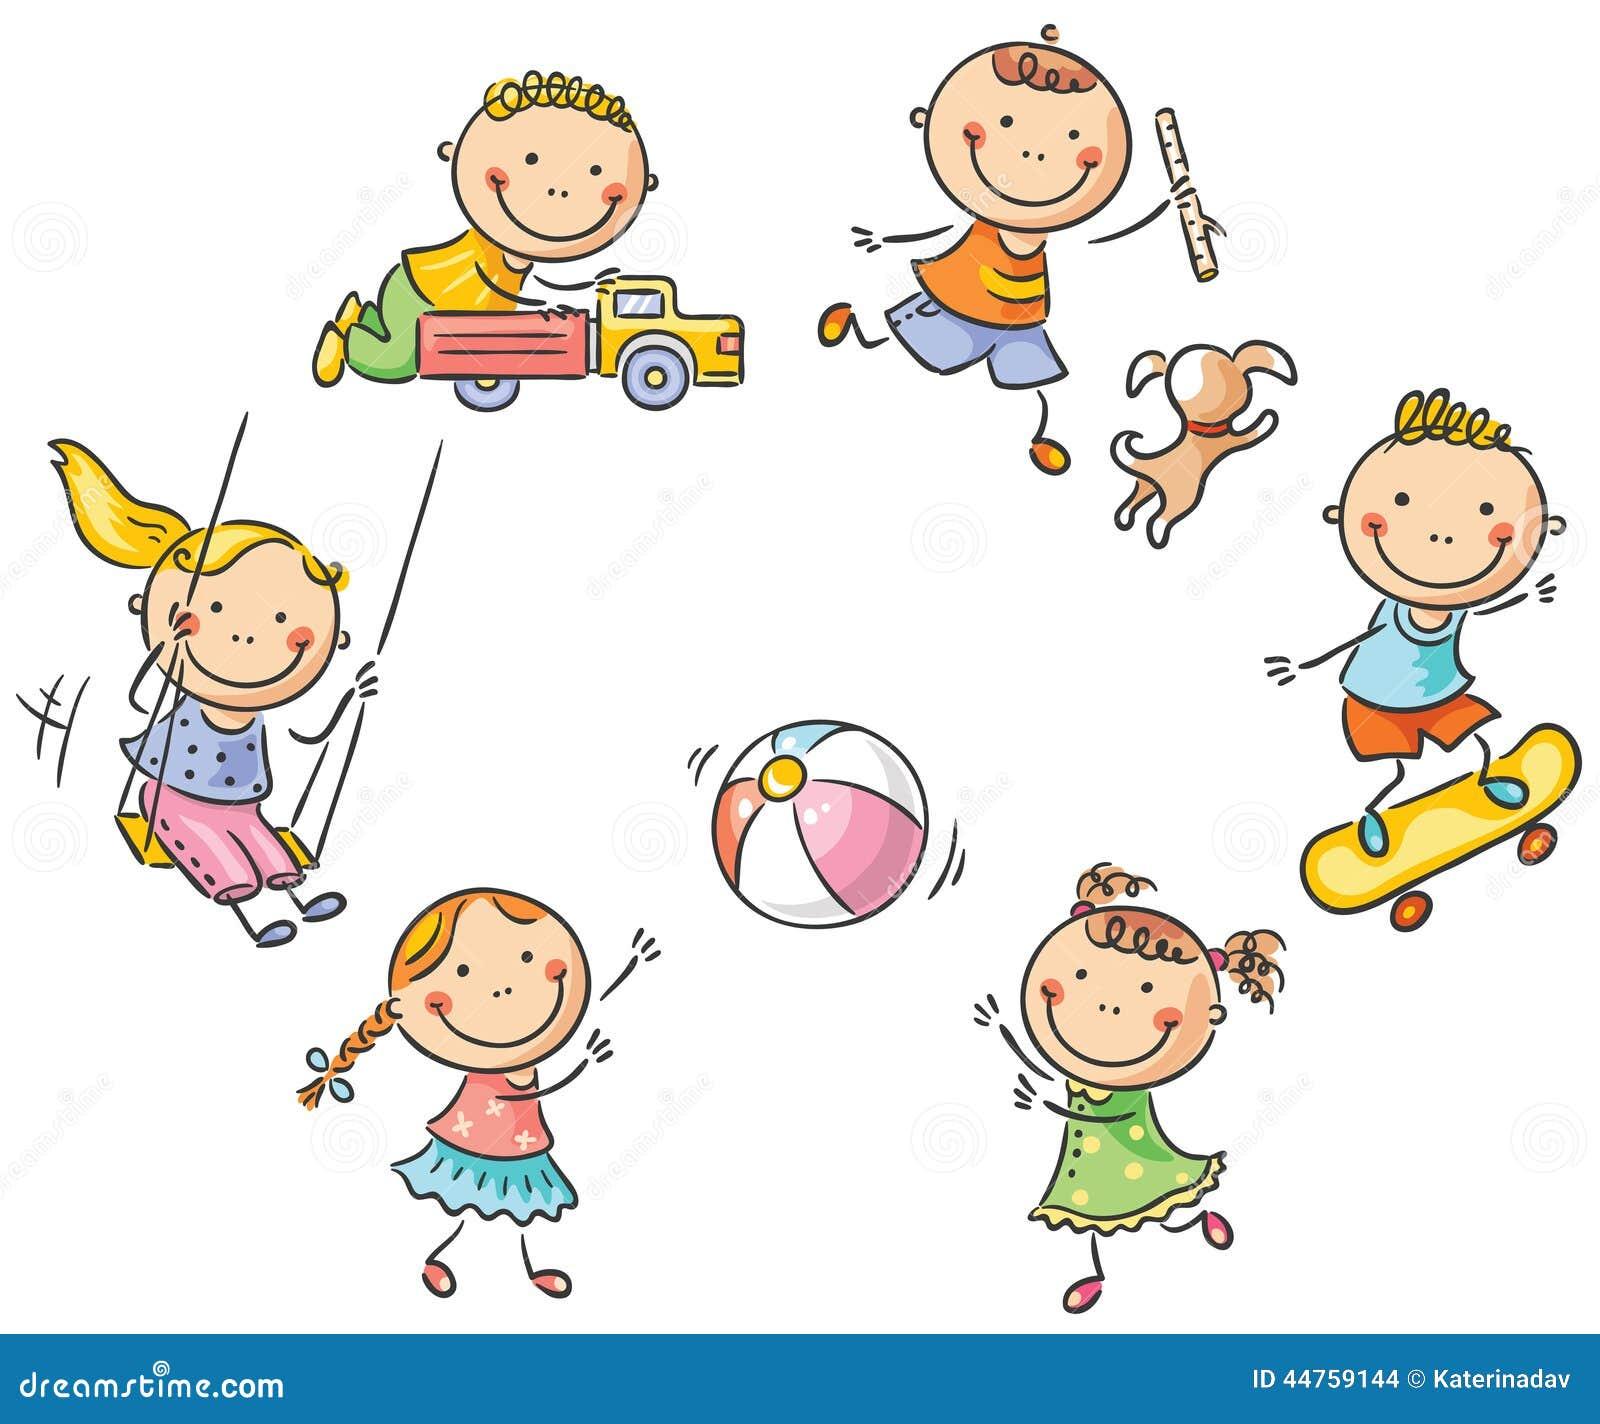 kinderspiele free